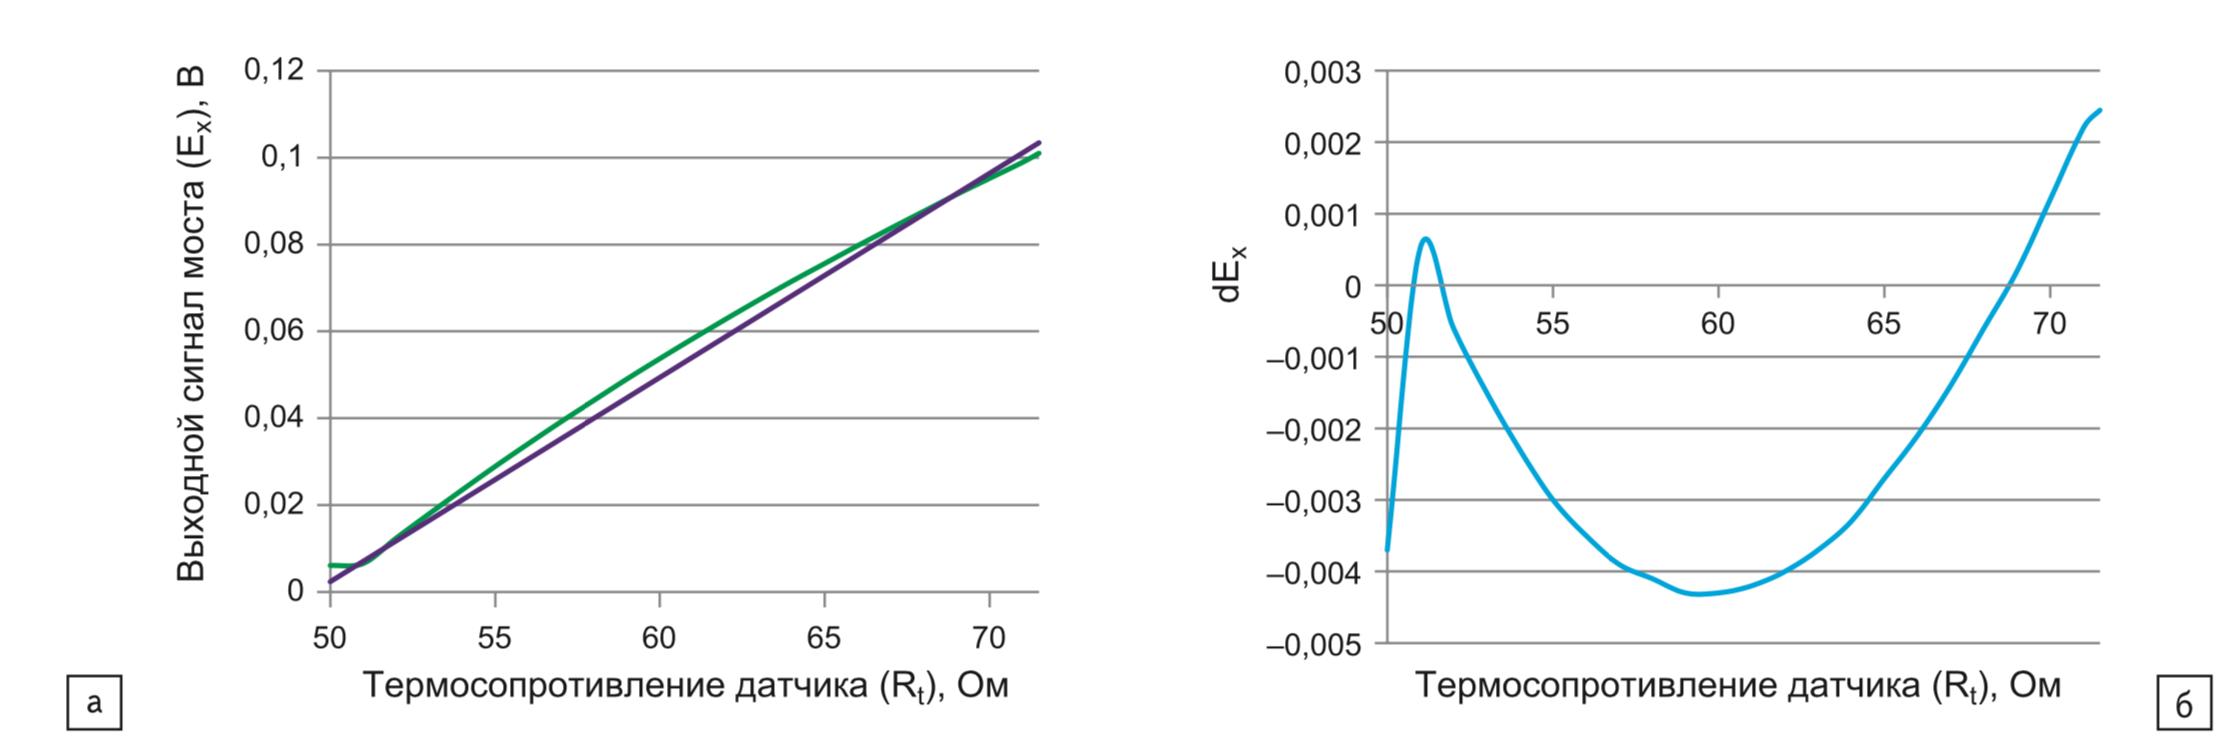 Реальная и идеальная характеристики измерительного моста без учета сопротивления нагрузки; б) абсолютная погрешность при измерении без учета сопротивления нагрузки